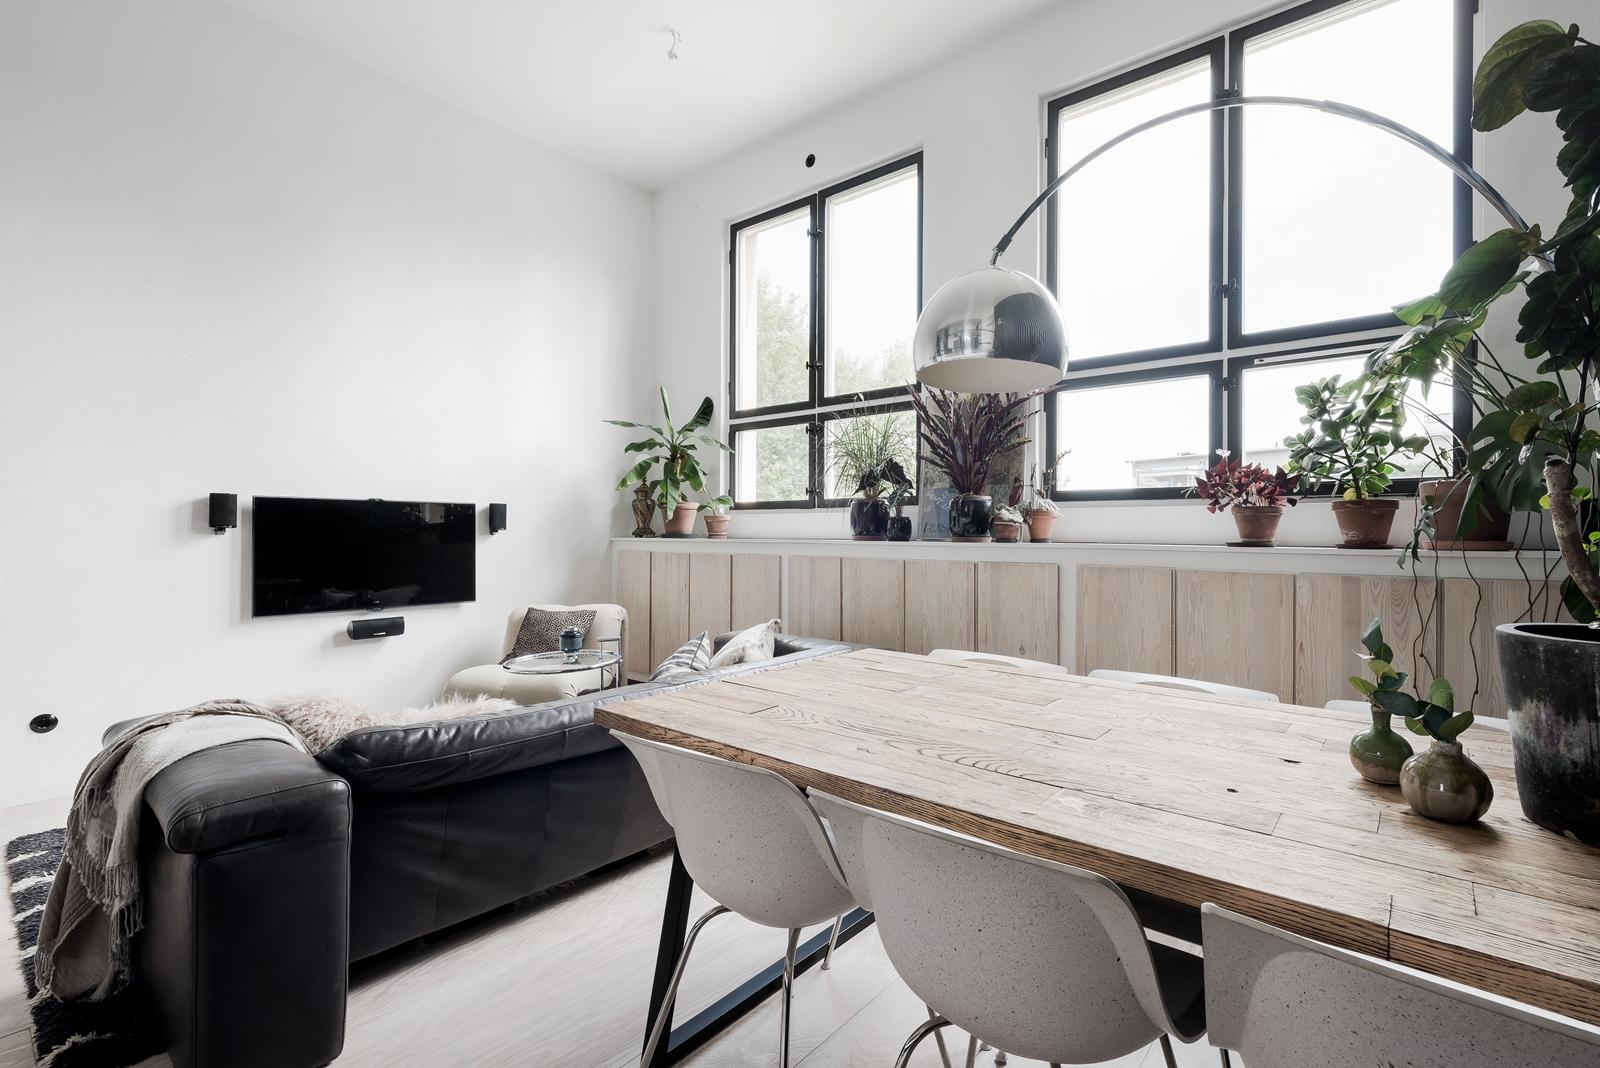 гостиная диван телевизор обеденный стол